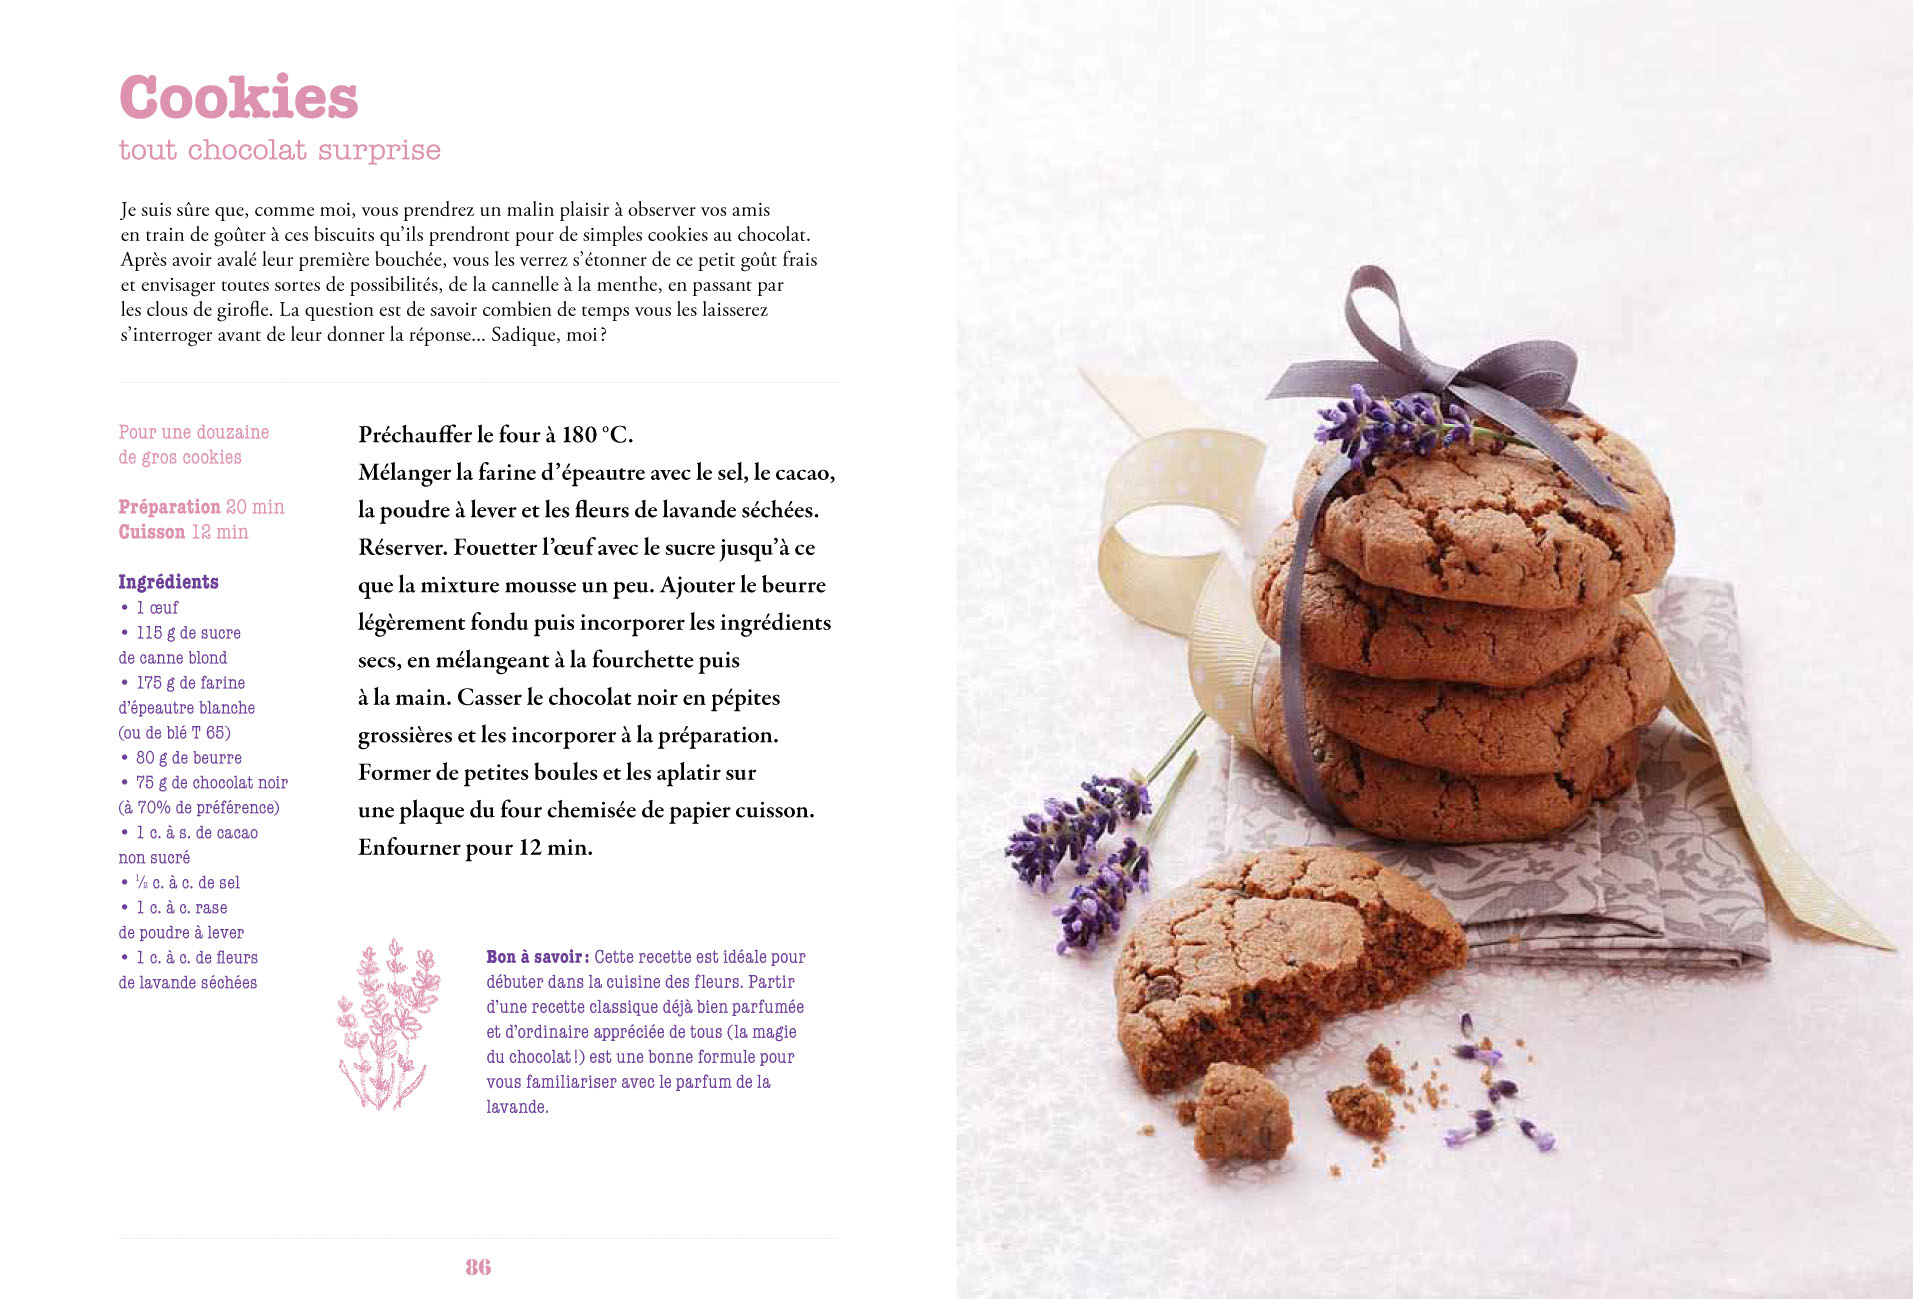 Fleurs en cuisine_Cookies